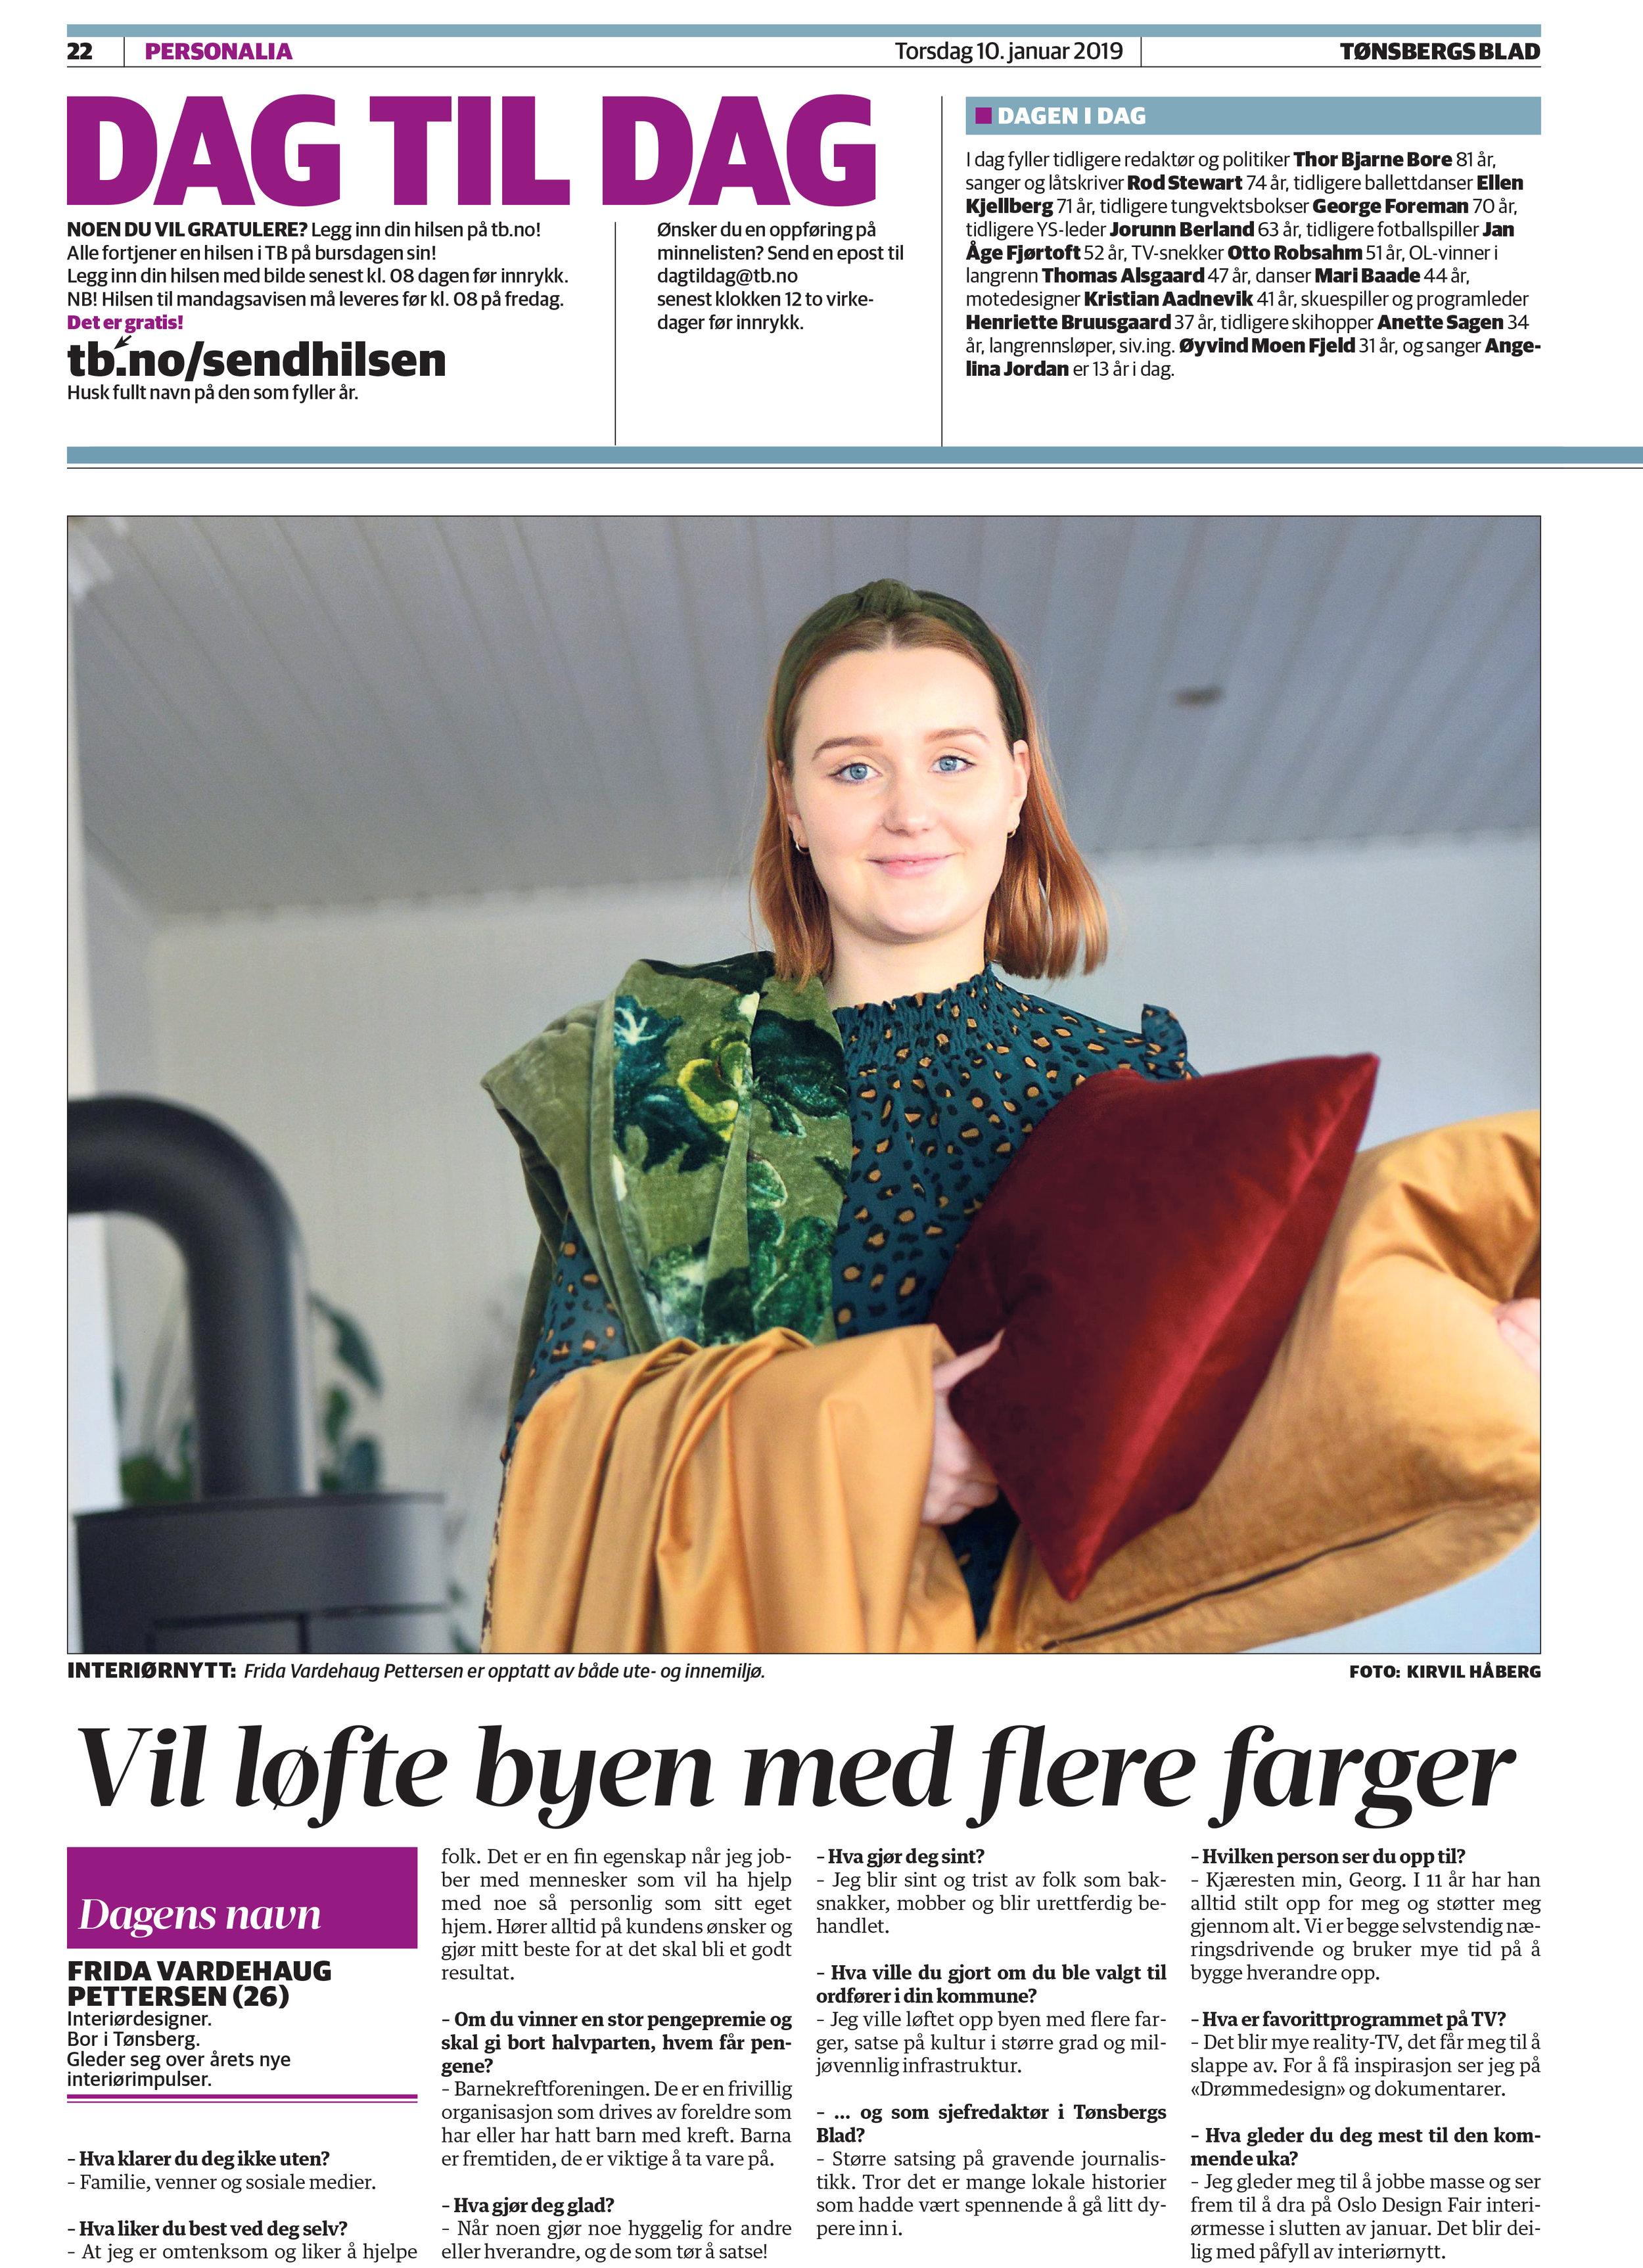 2019-01-10_Toensbergs_Blad_-_10-01-2019_print.jpg